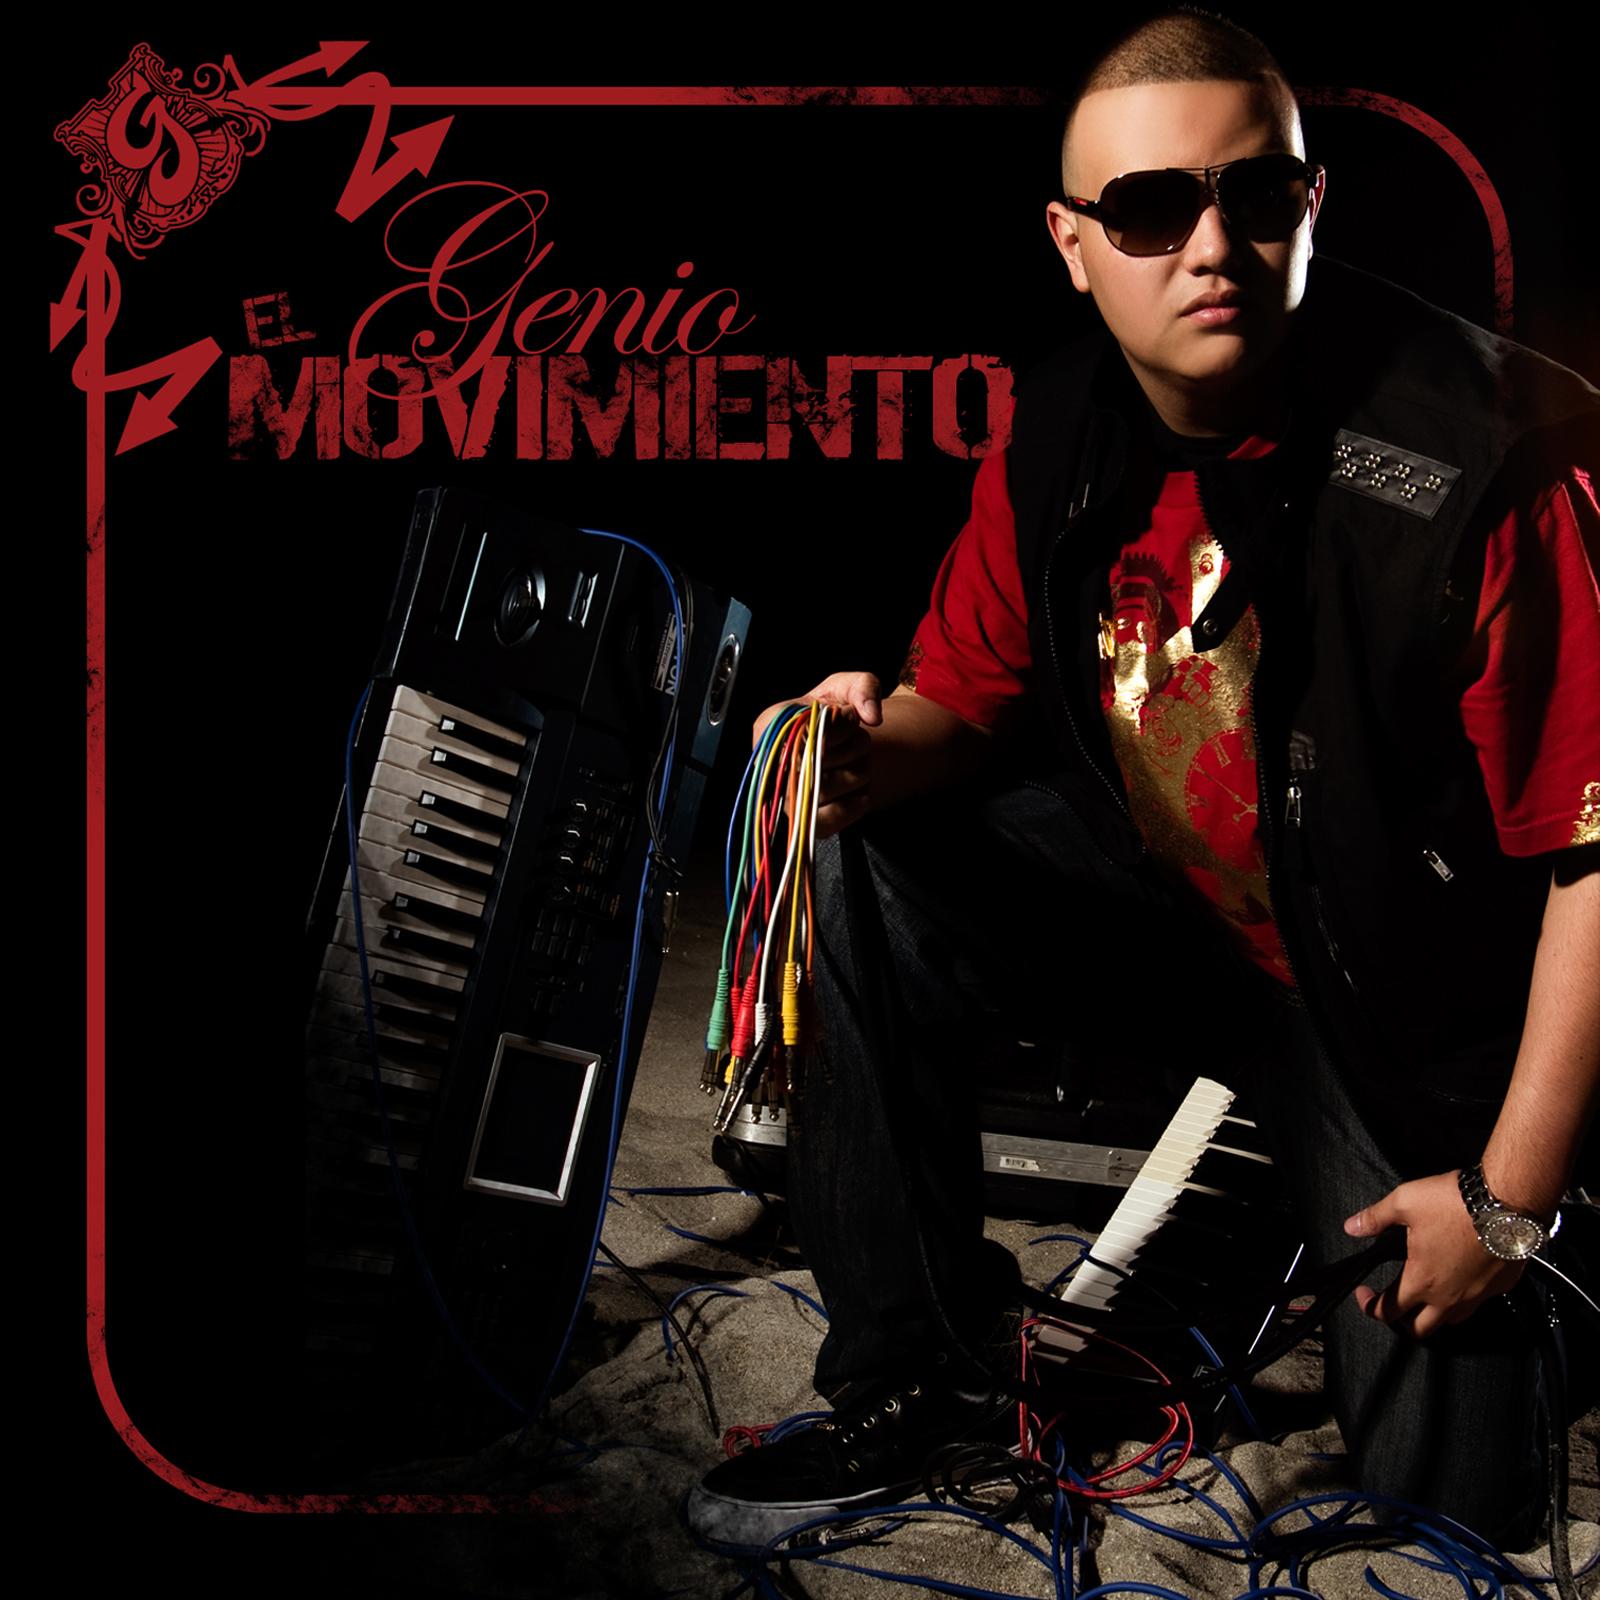 Genio Presents: El Movimiento by Various Artists